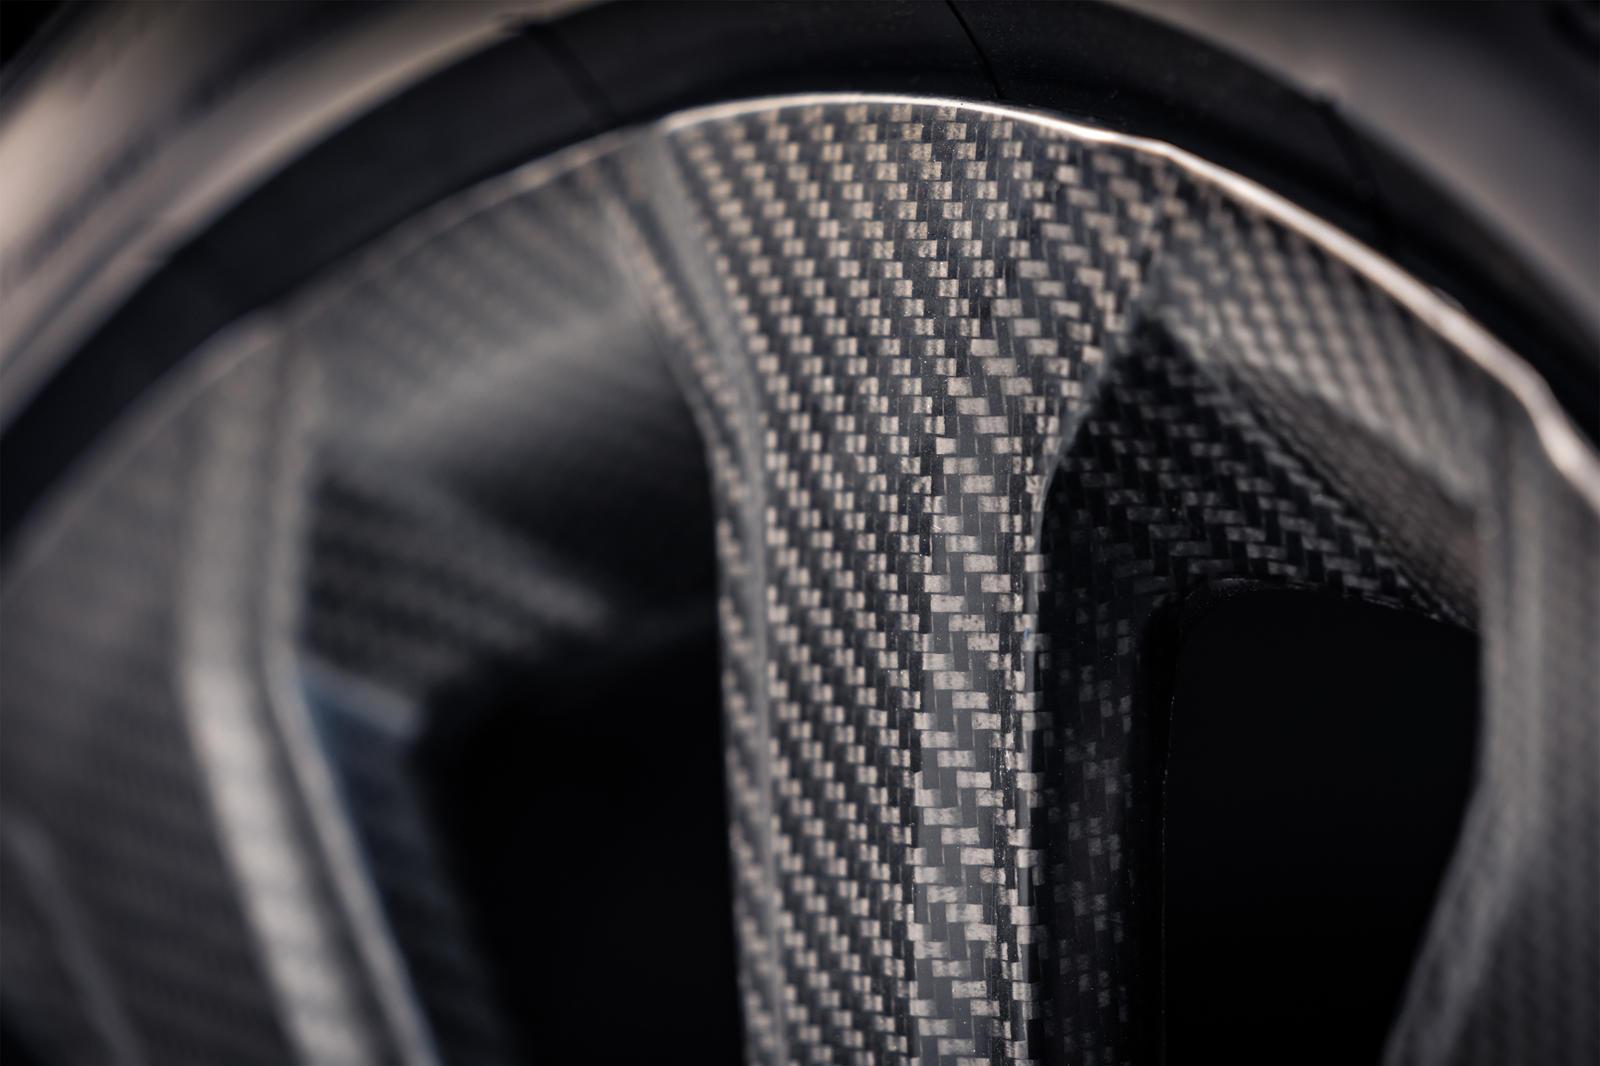 Не волнуйтесь – мы тоже понимаем эту иронию, связанную с установкой облегченных колес на автомобиль с начальной снаряженной массой 2415 кг. Тем не менее, мы должны сказать, что эти колеса особенные, они были разработаны совместно с Bucci Composites,